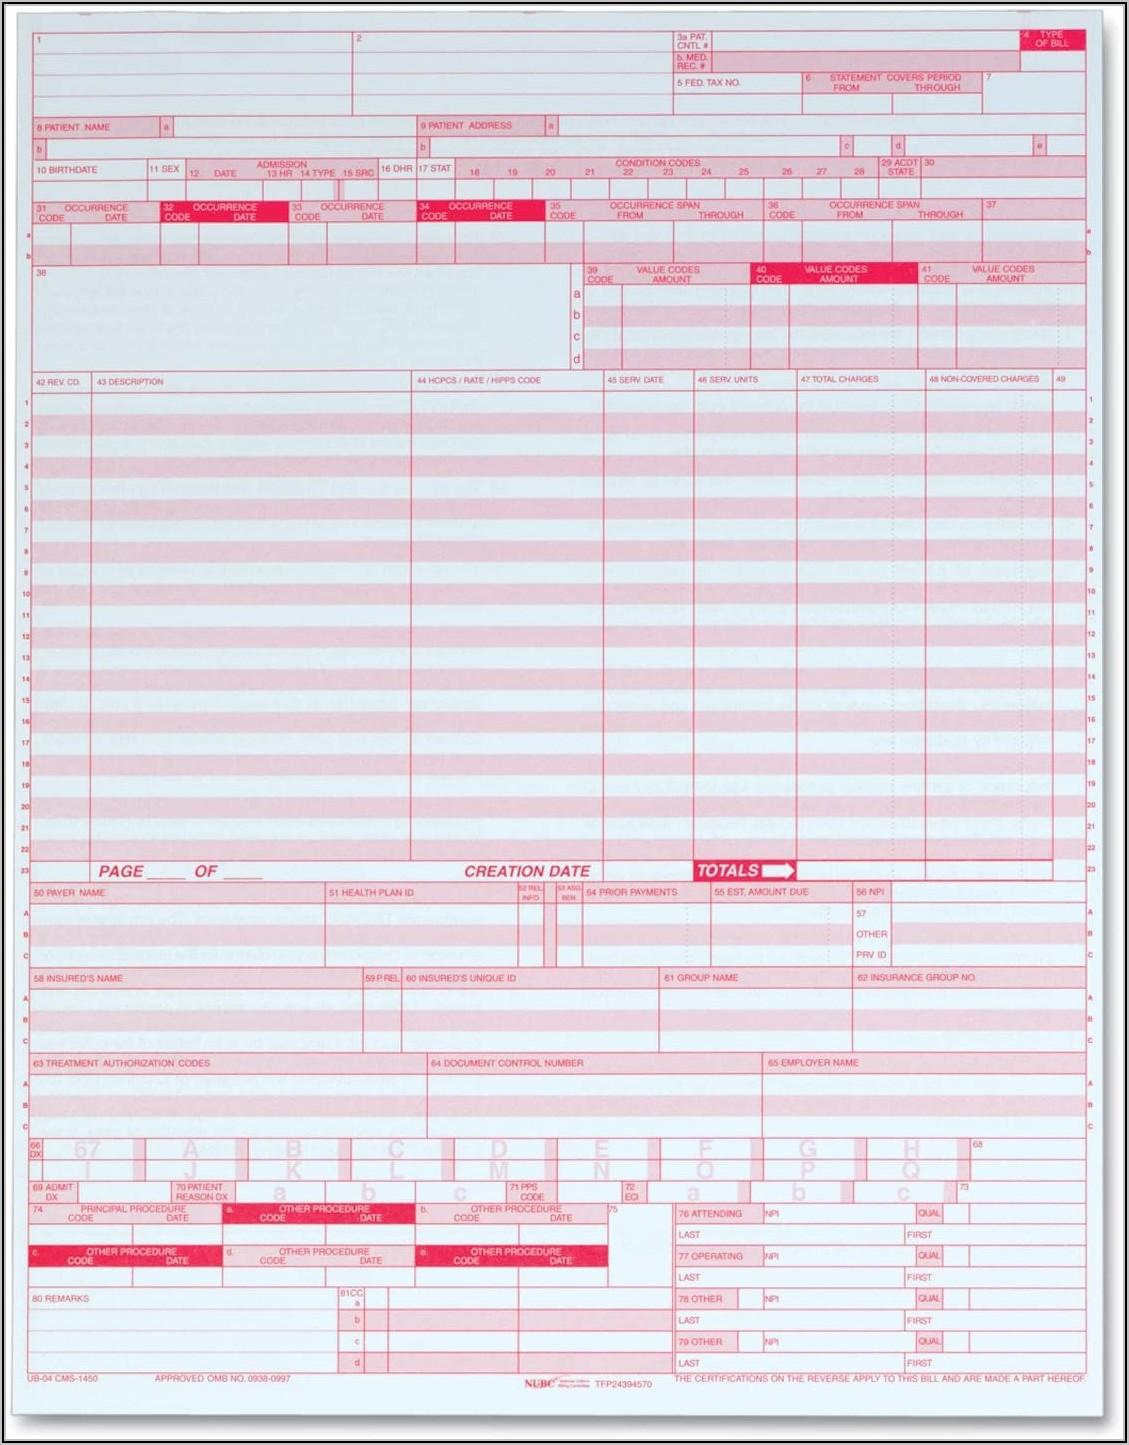 Ub 04 Cms 1450 Paper Claim Form